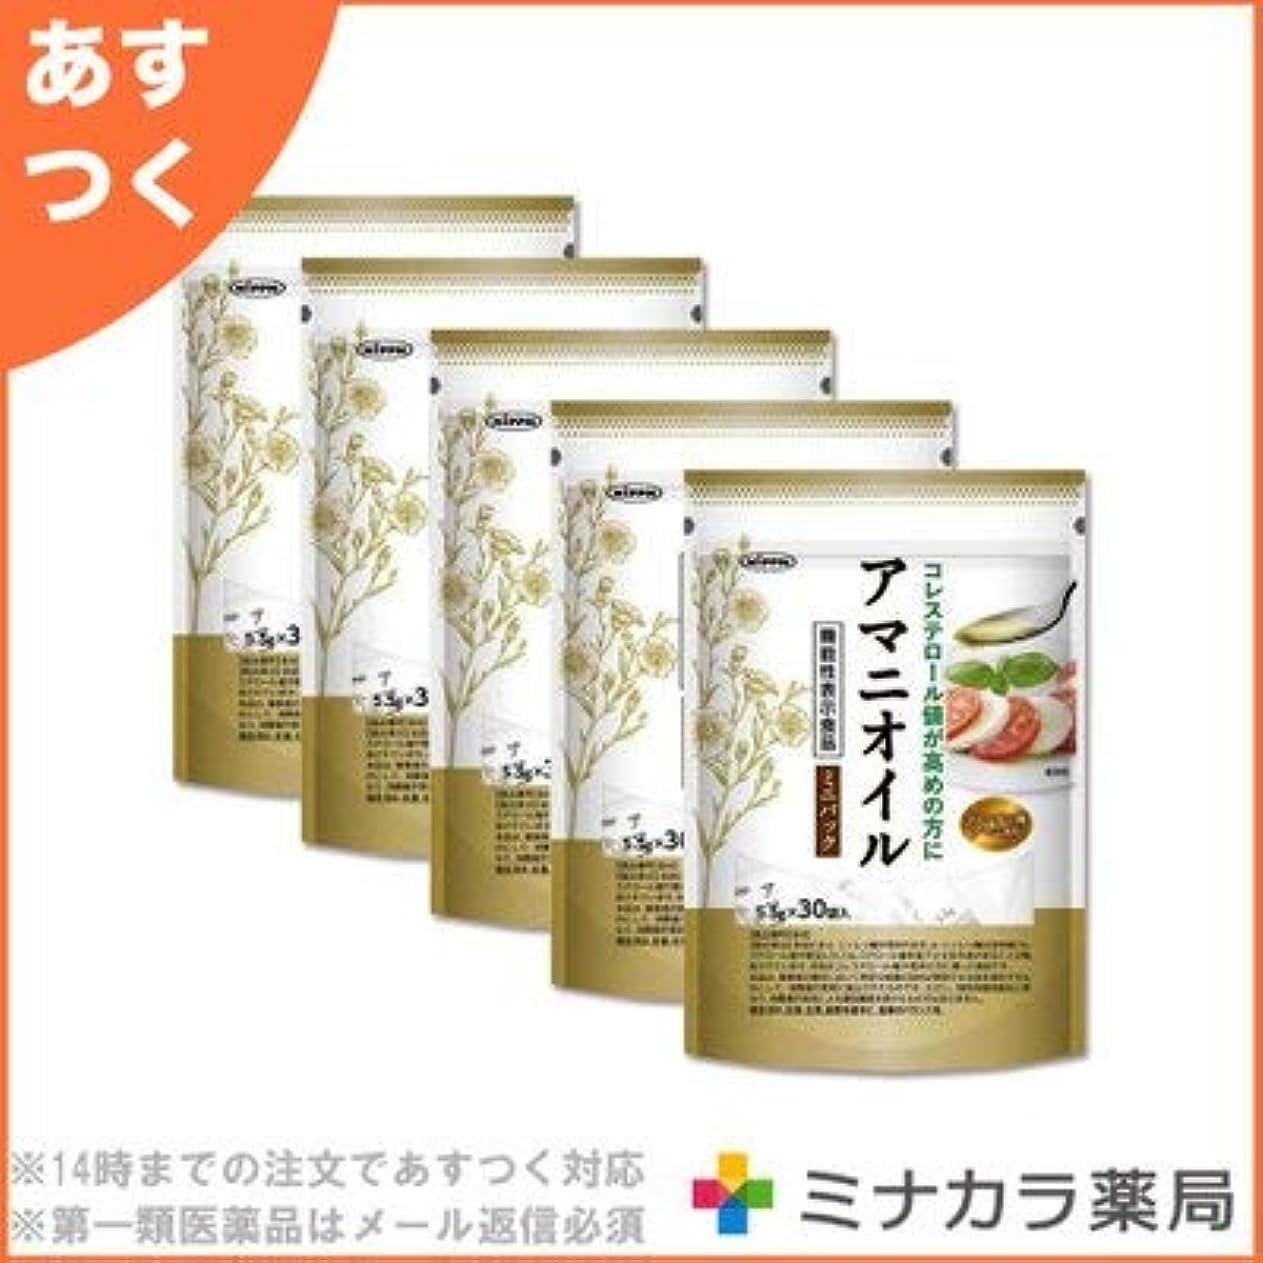 三角形リブ作曲家日本製粉 アマニオイル ミニパック 5.5g×30 (機能性表示食品)×5個セット